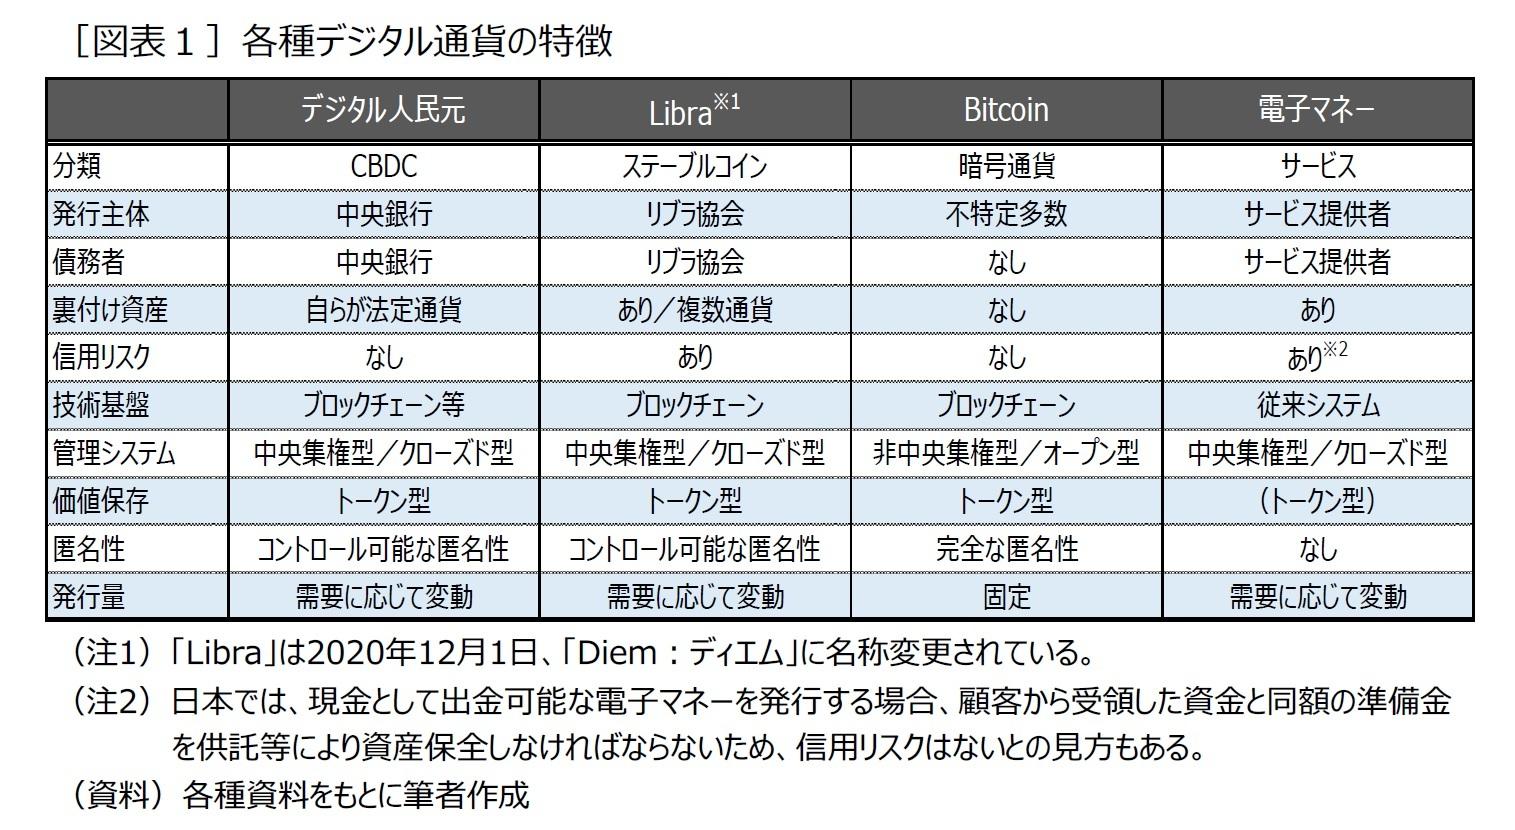 [図表1]各種デジタル通貨の特徴